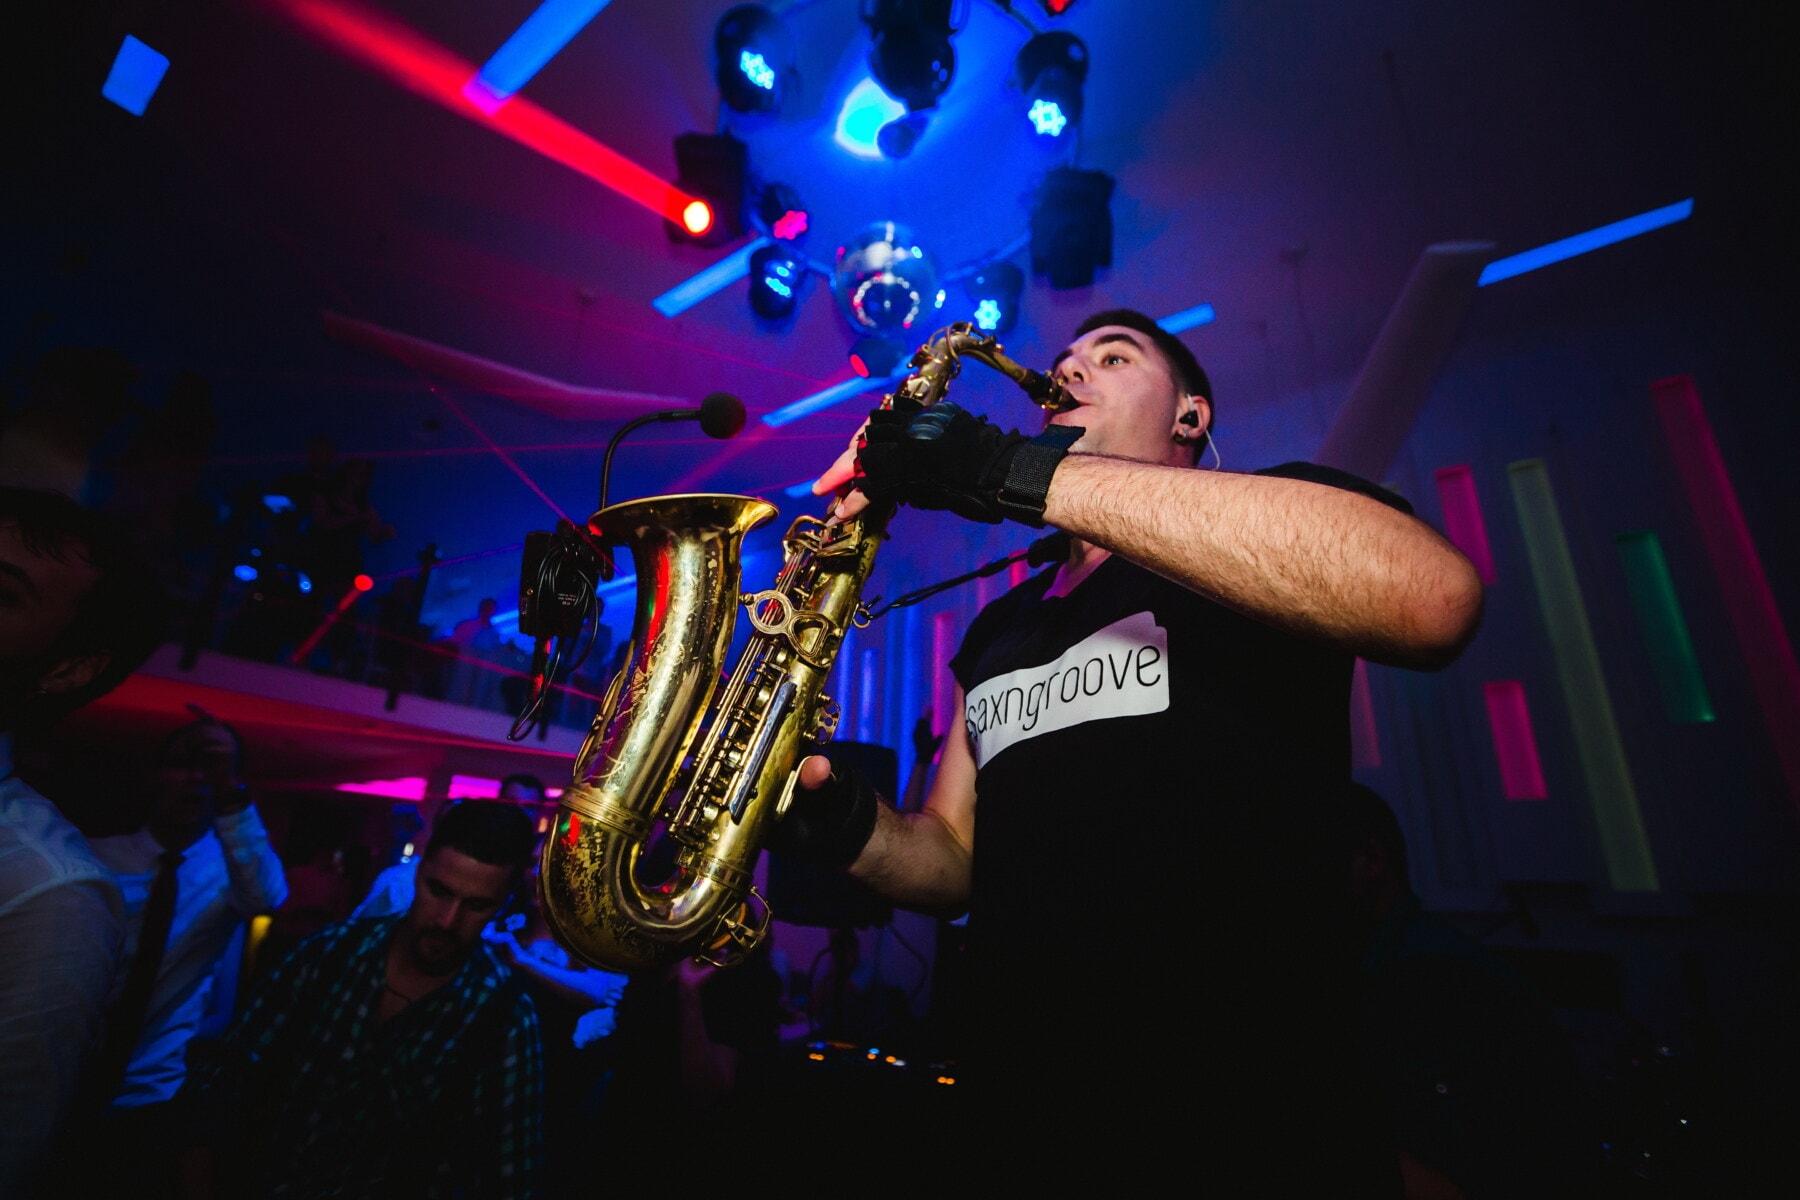 saxofon, strana, koncertní sál, noční klub, Noční život, koncert, umělec, hudba, bavič, výkon